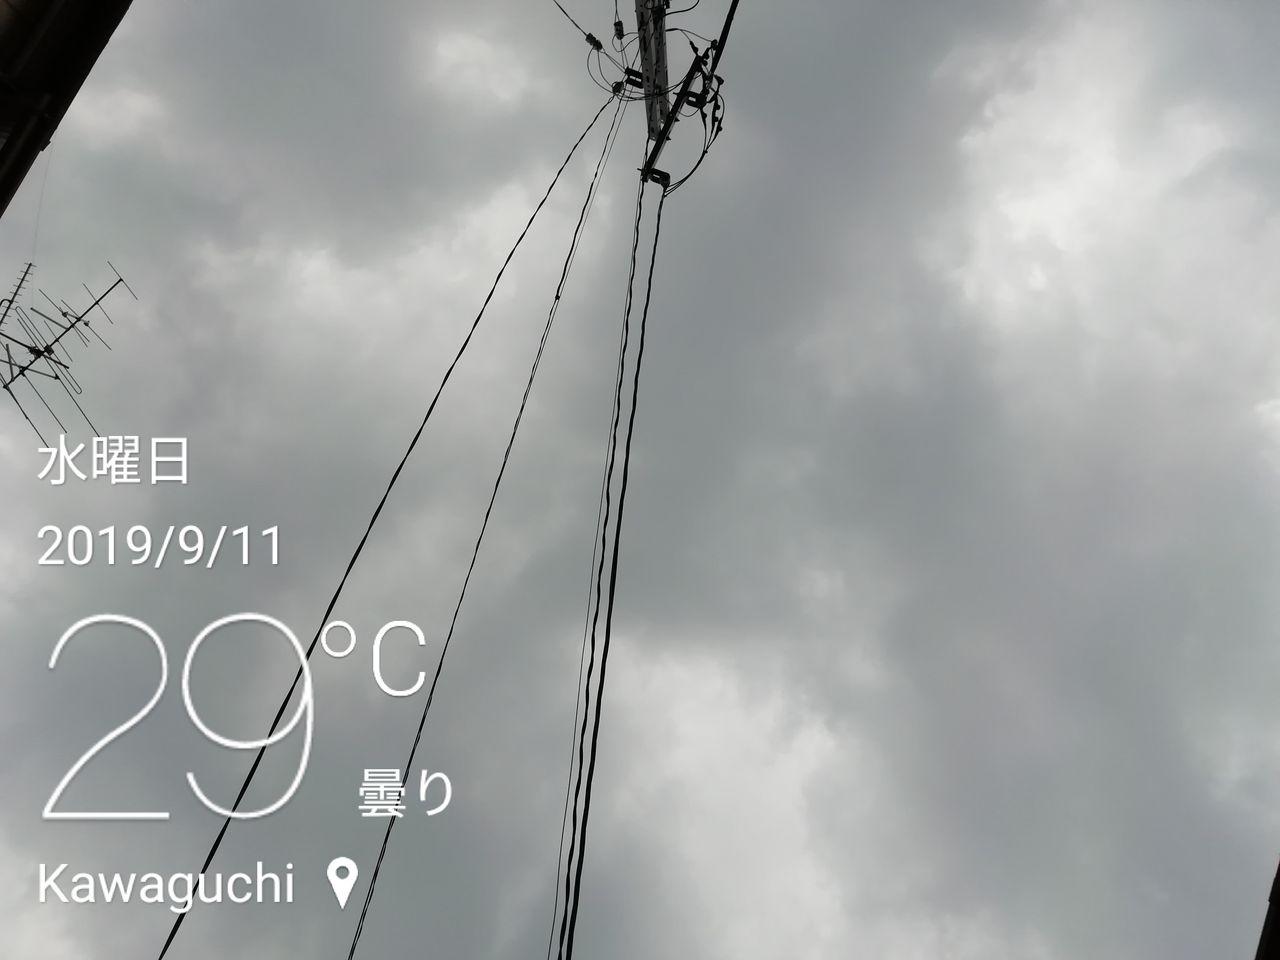 雨雲 レーダー 宇都宮